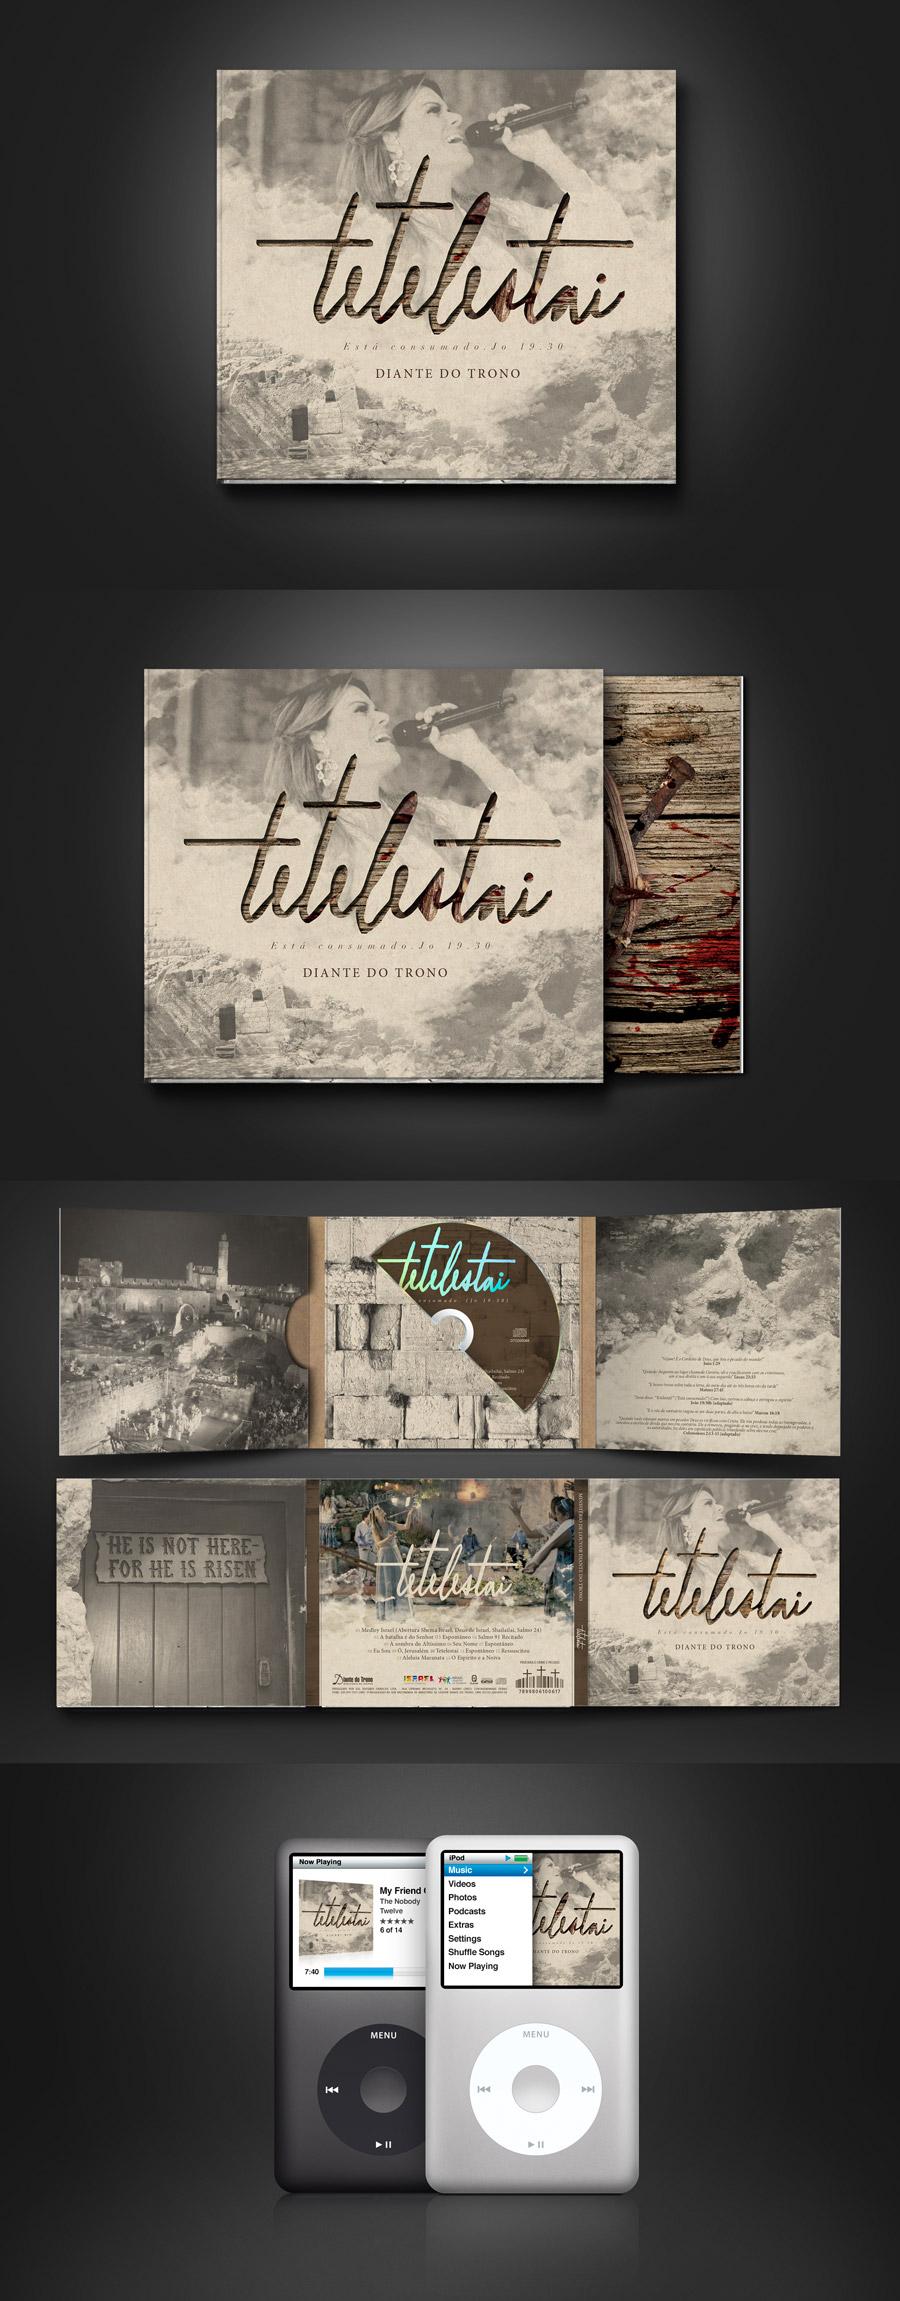 CD Tetelestai – Diante do Trono